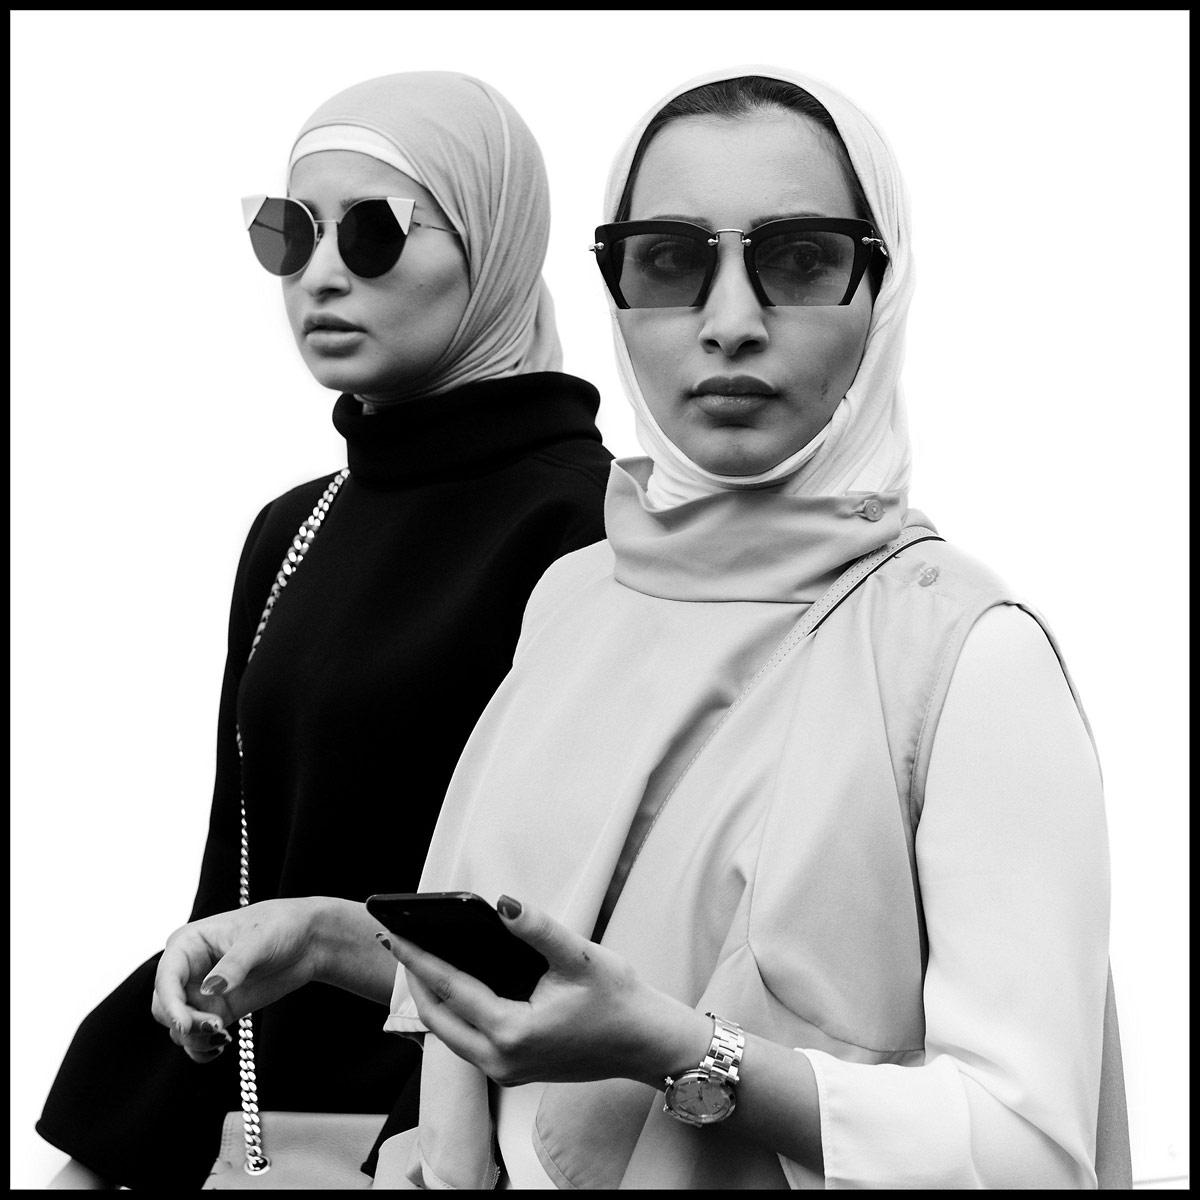 Без названия, © Макс Барстоу, Третье место, Конкурс портретной фотографии Тейлора Вессинга